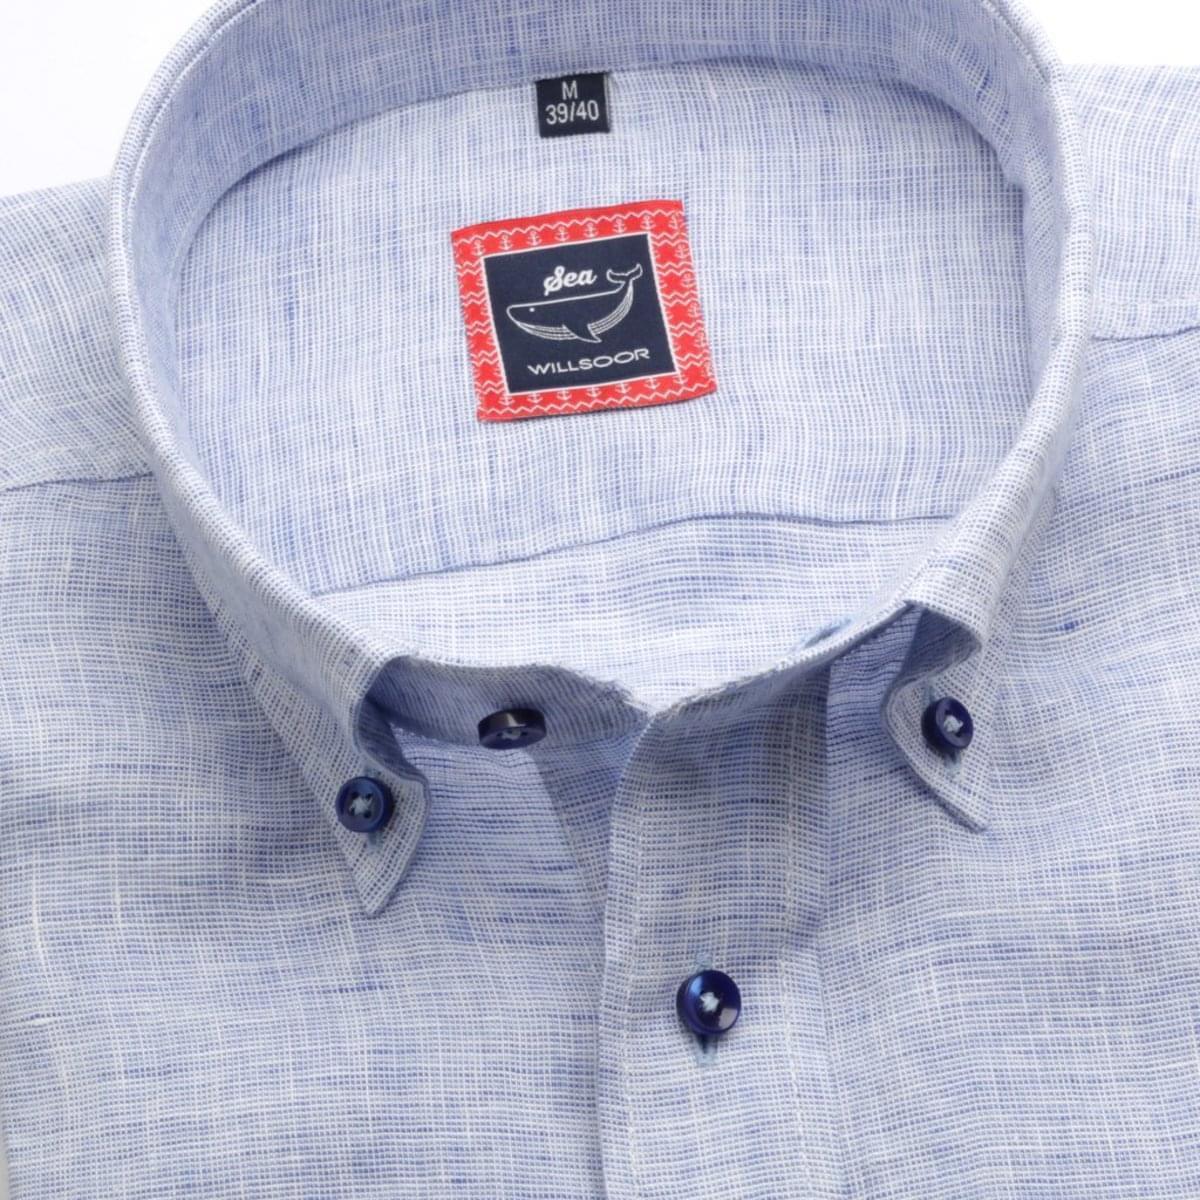 Pánska klasická košeľa (výška 176-182) 6668 vo svetlo modré farbe s golierikom na gombíky 176-182 / L (41/42)